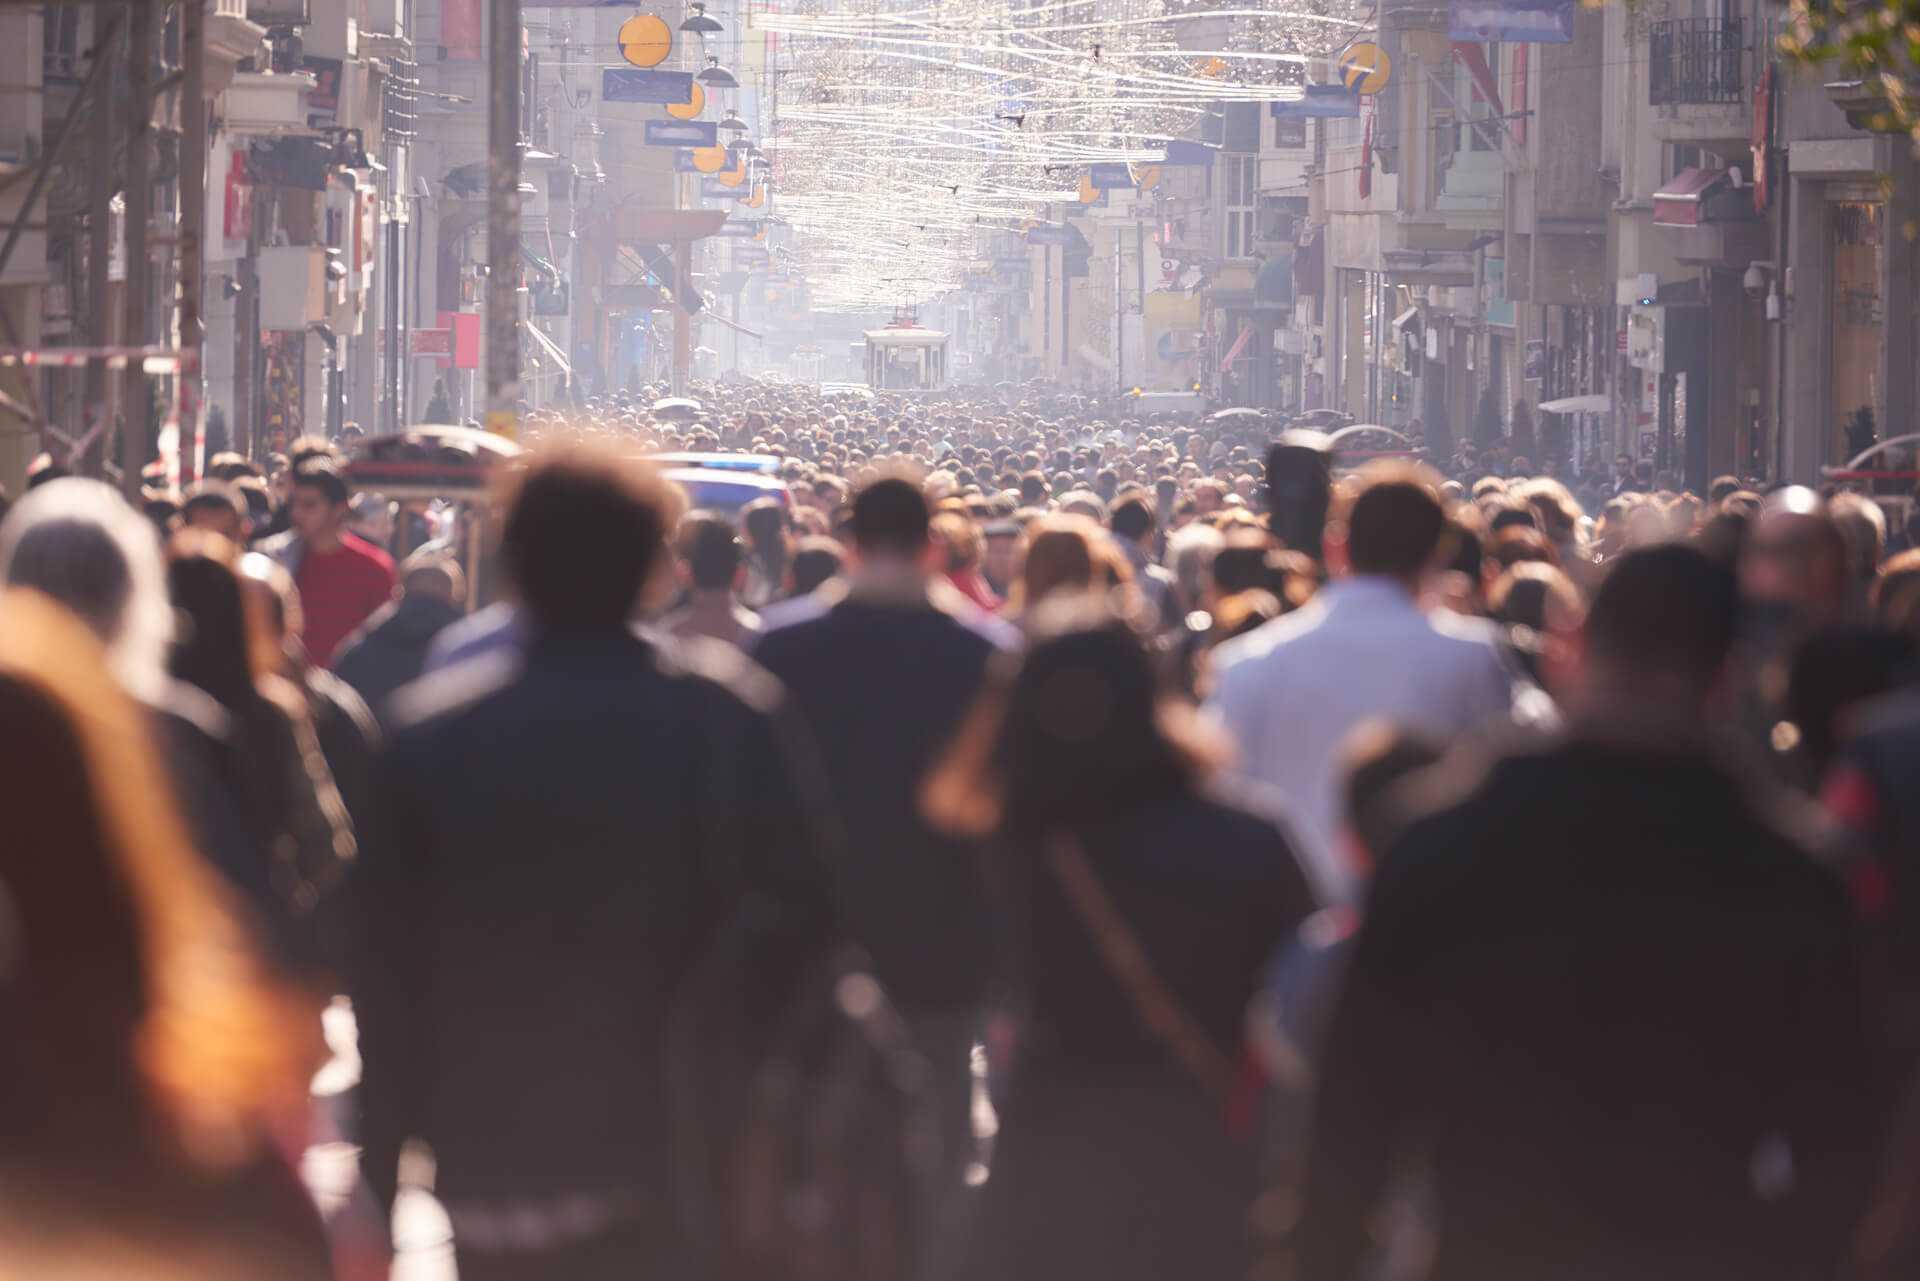 Multidão de pessoas andando na avenida de uma cidade.